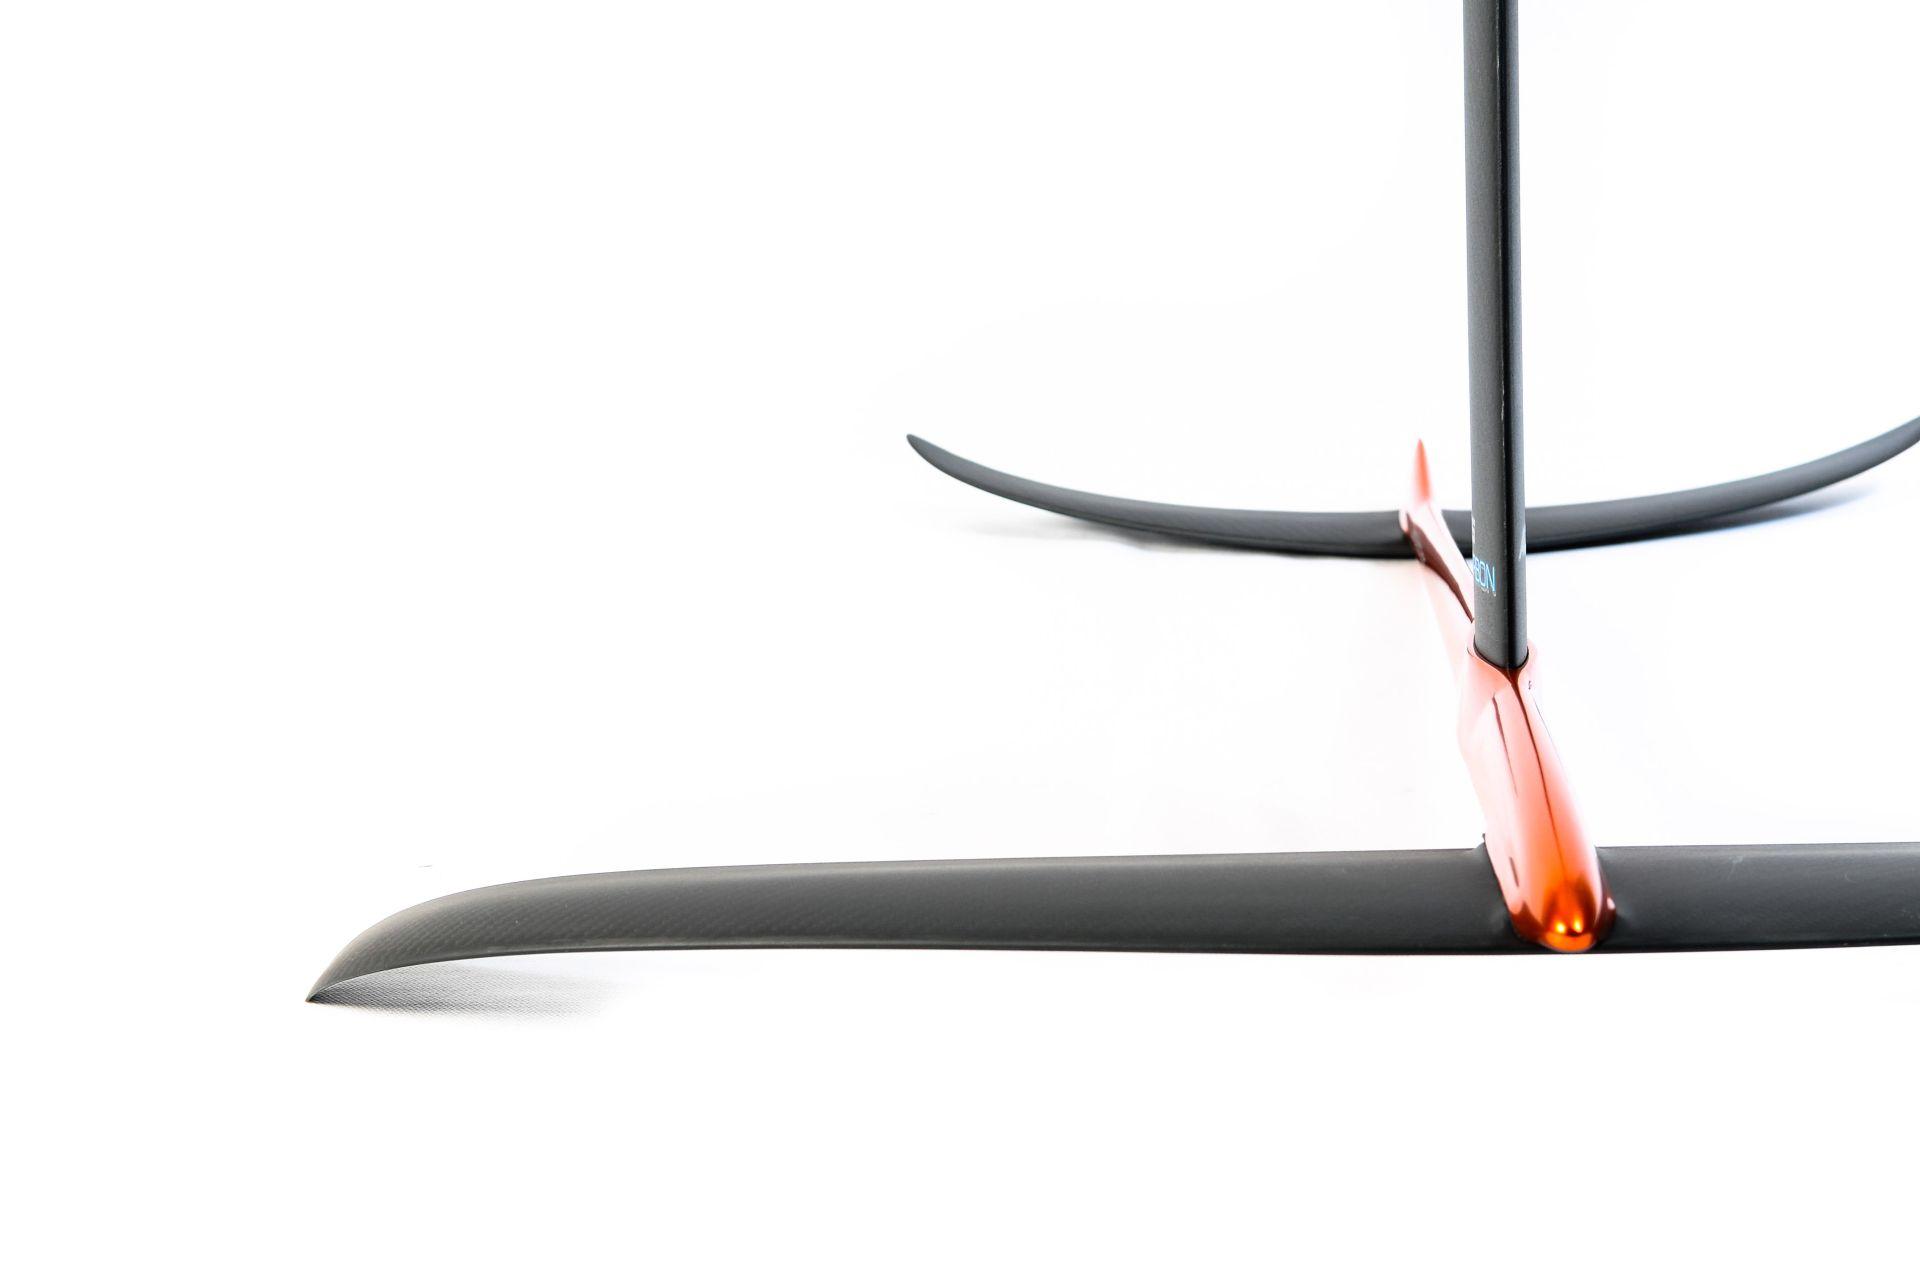 Kitefoil windfoil alpinefoil 8047